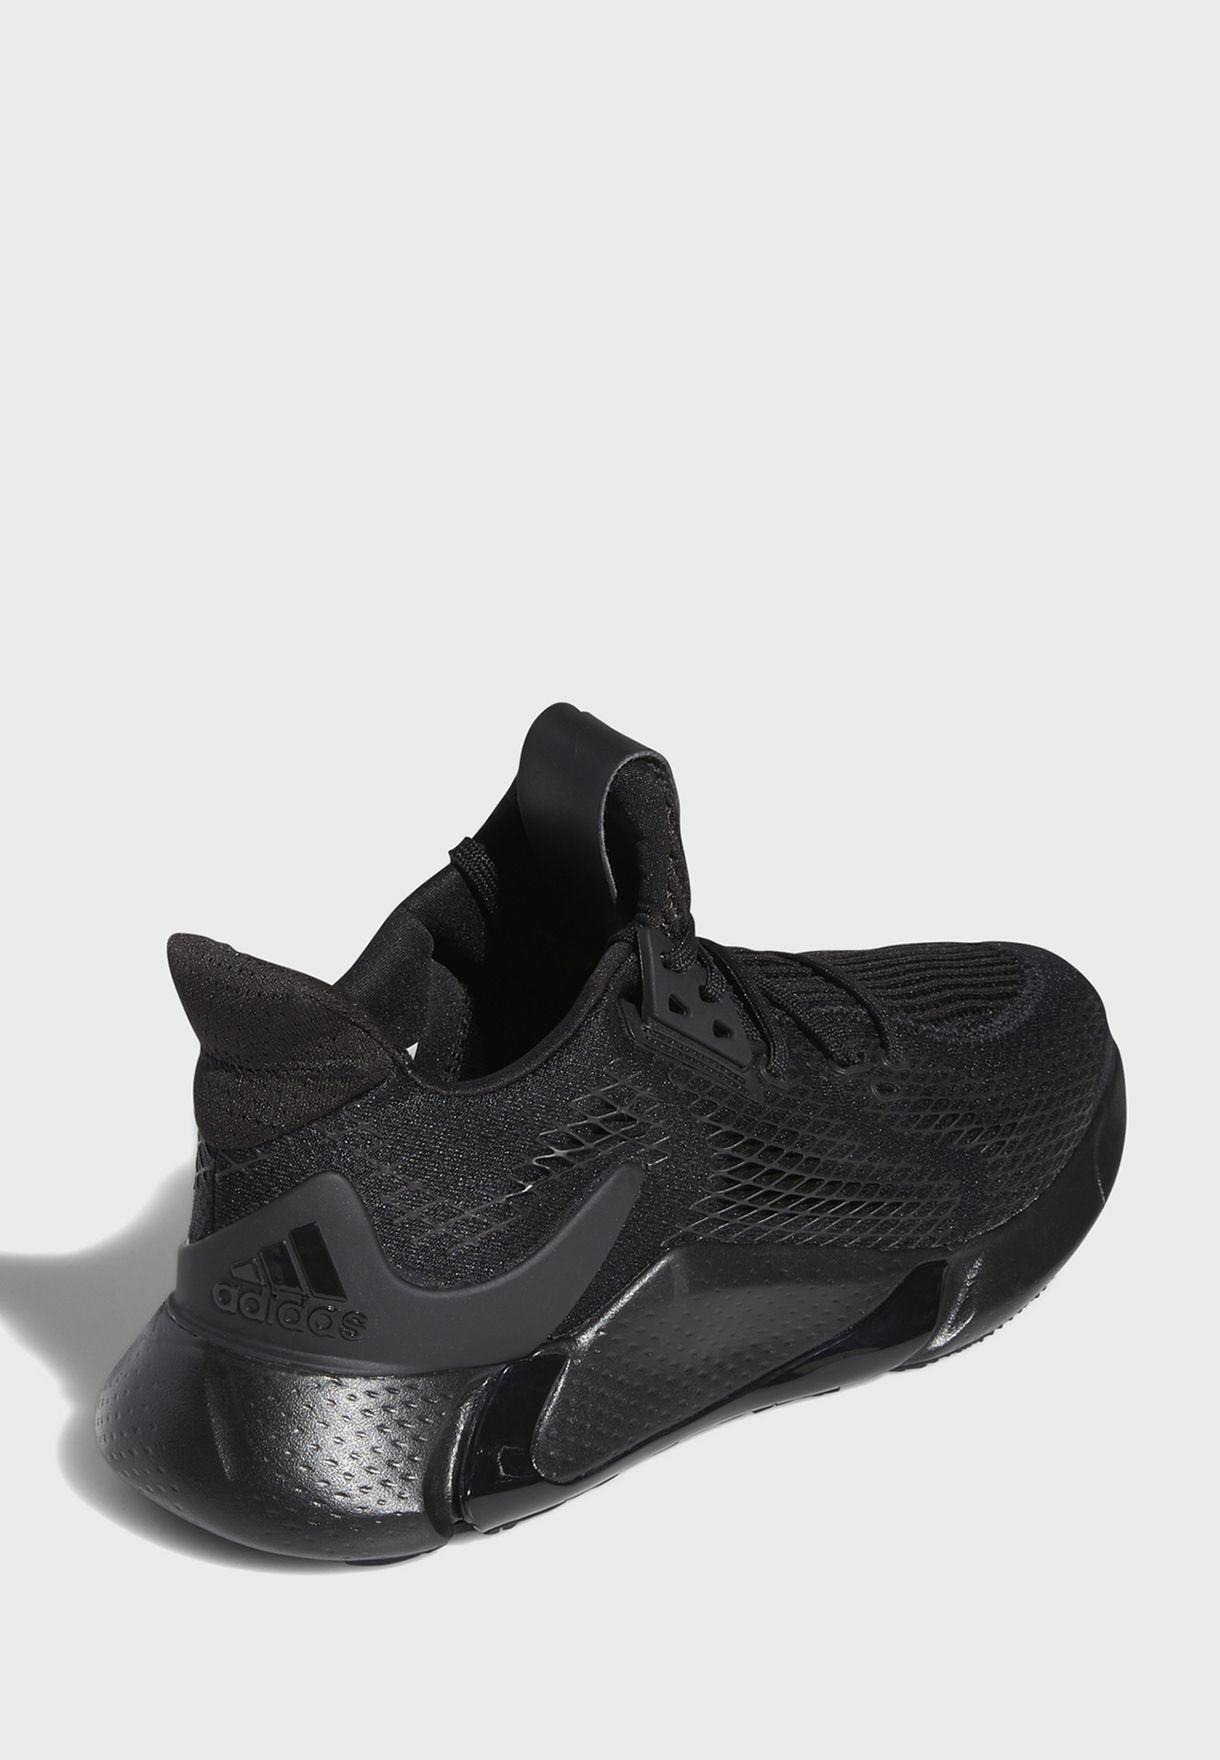 حذاء ادج اكس تي